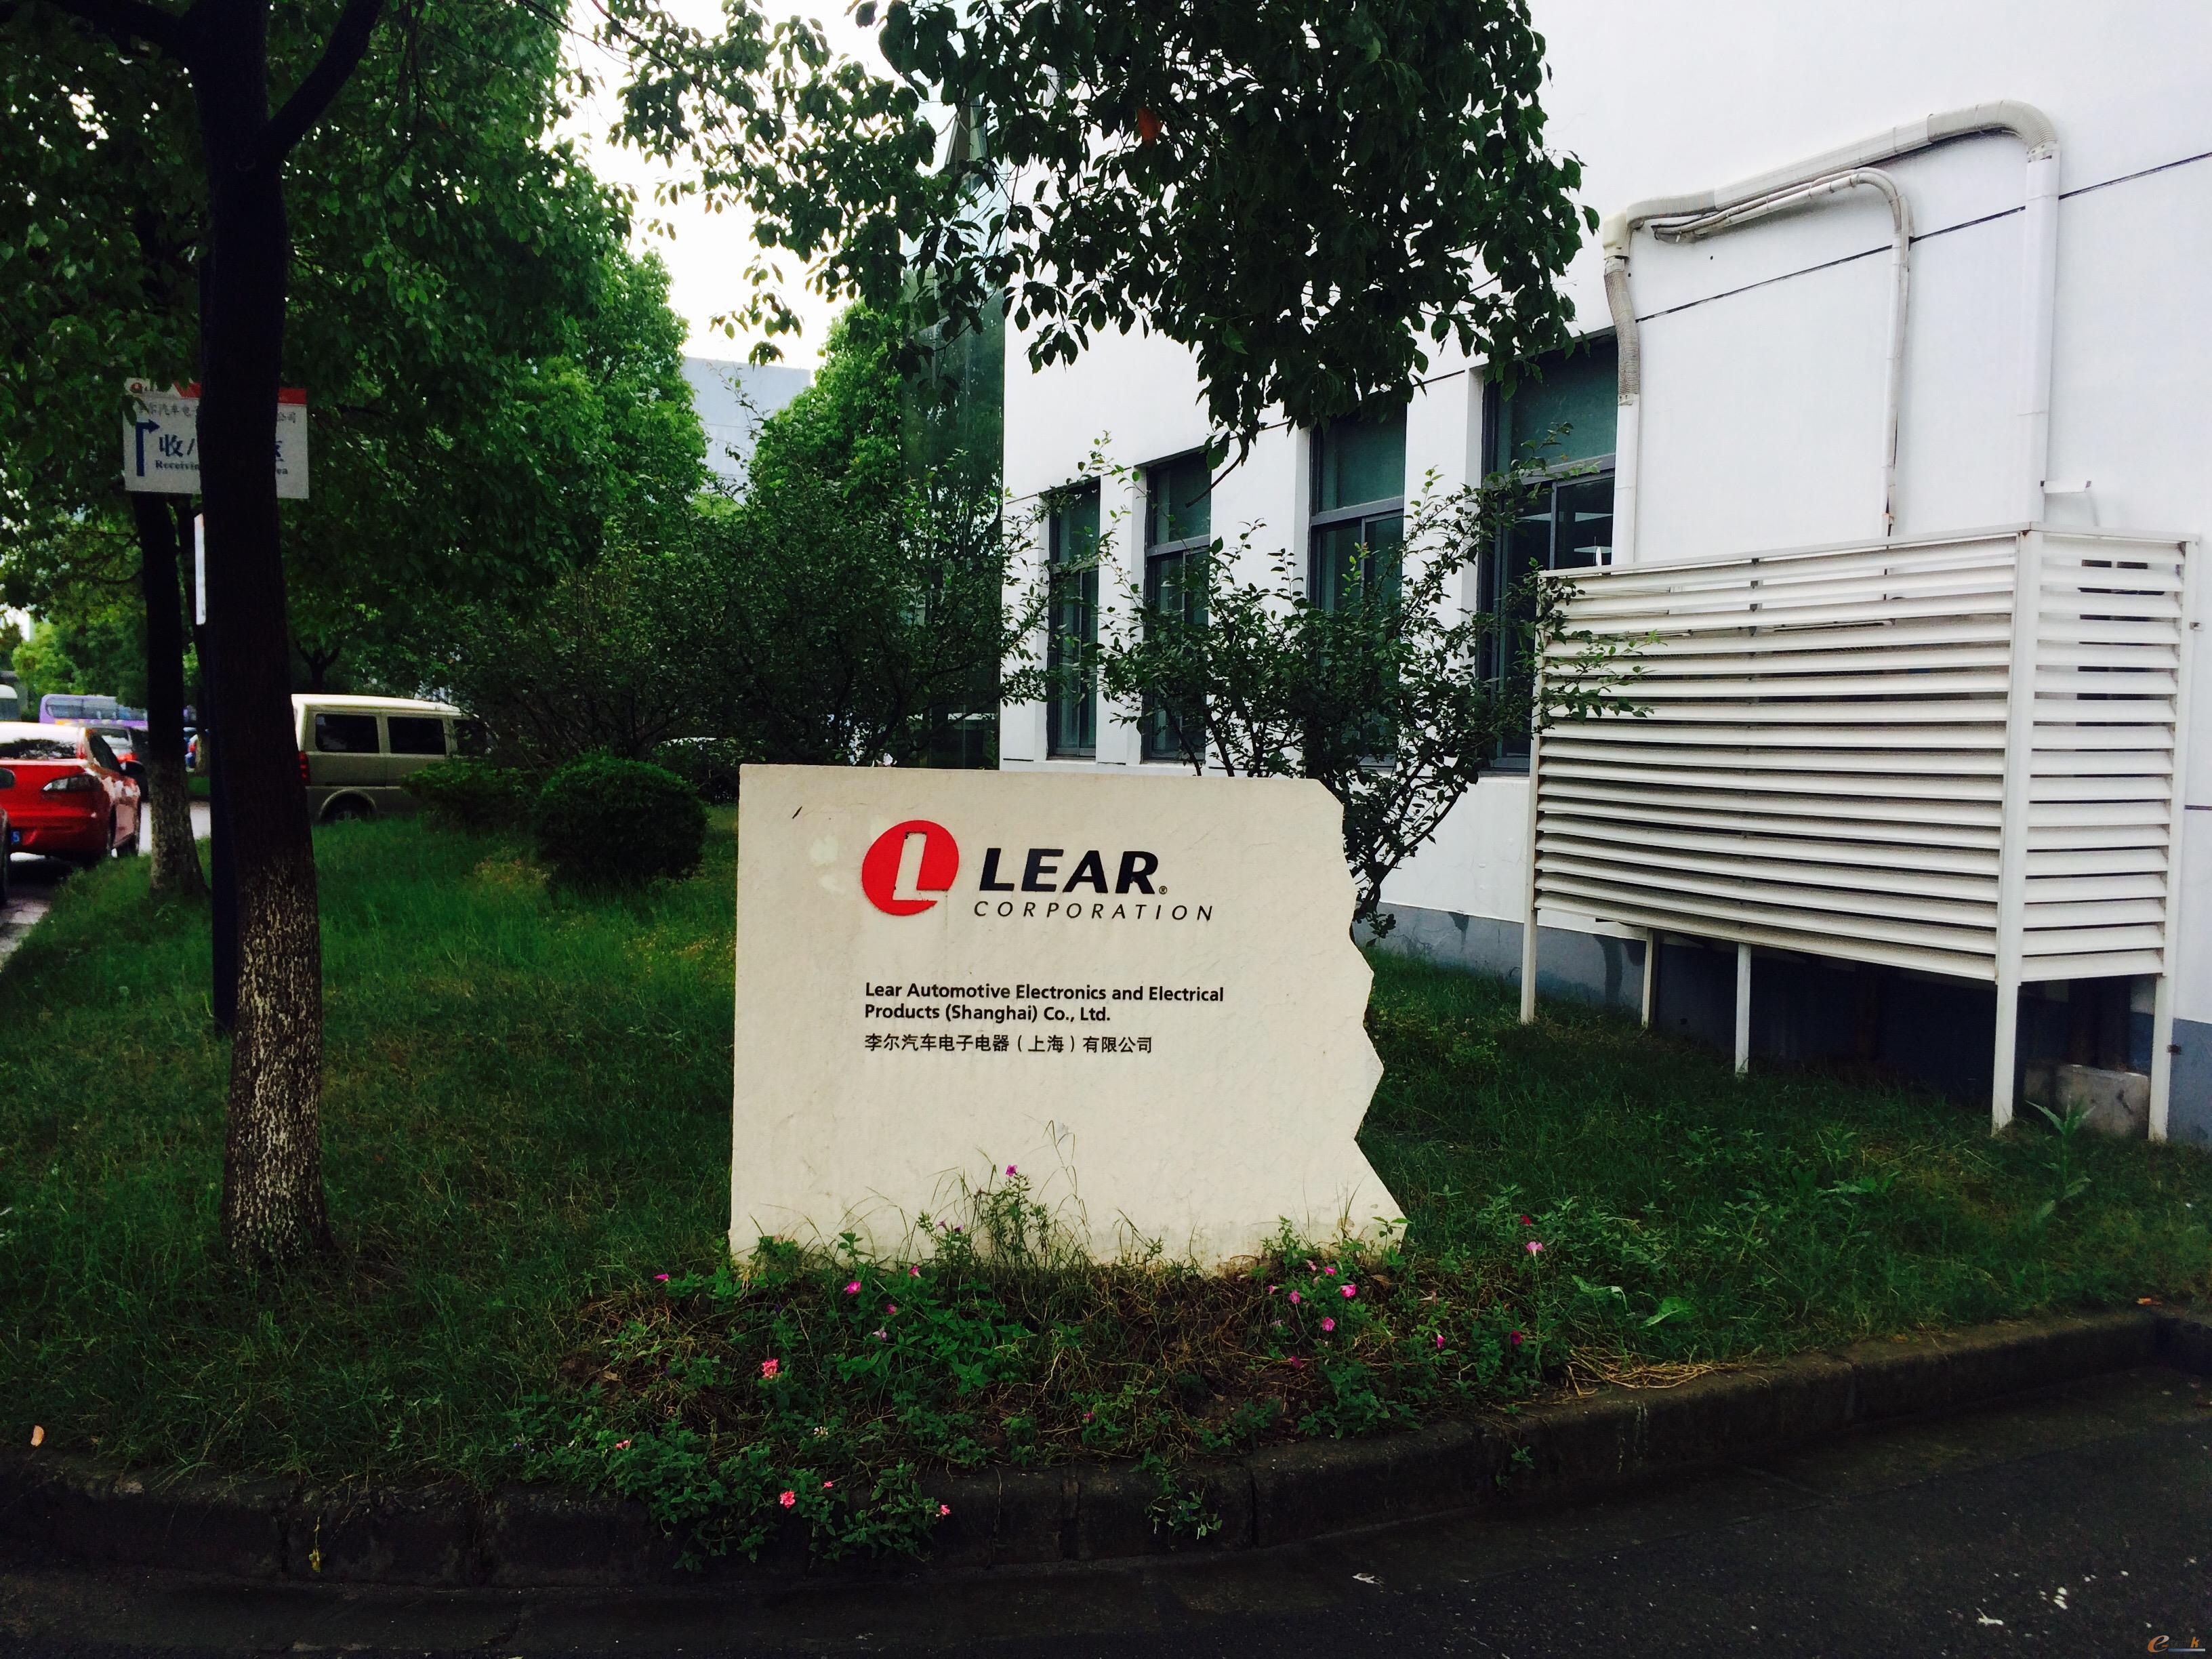 李尔汽车电子电器(上海)有限公司